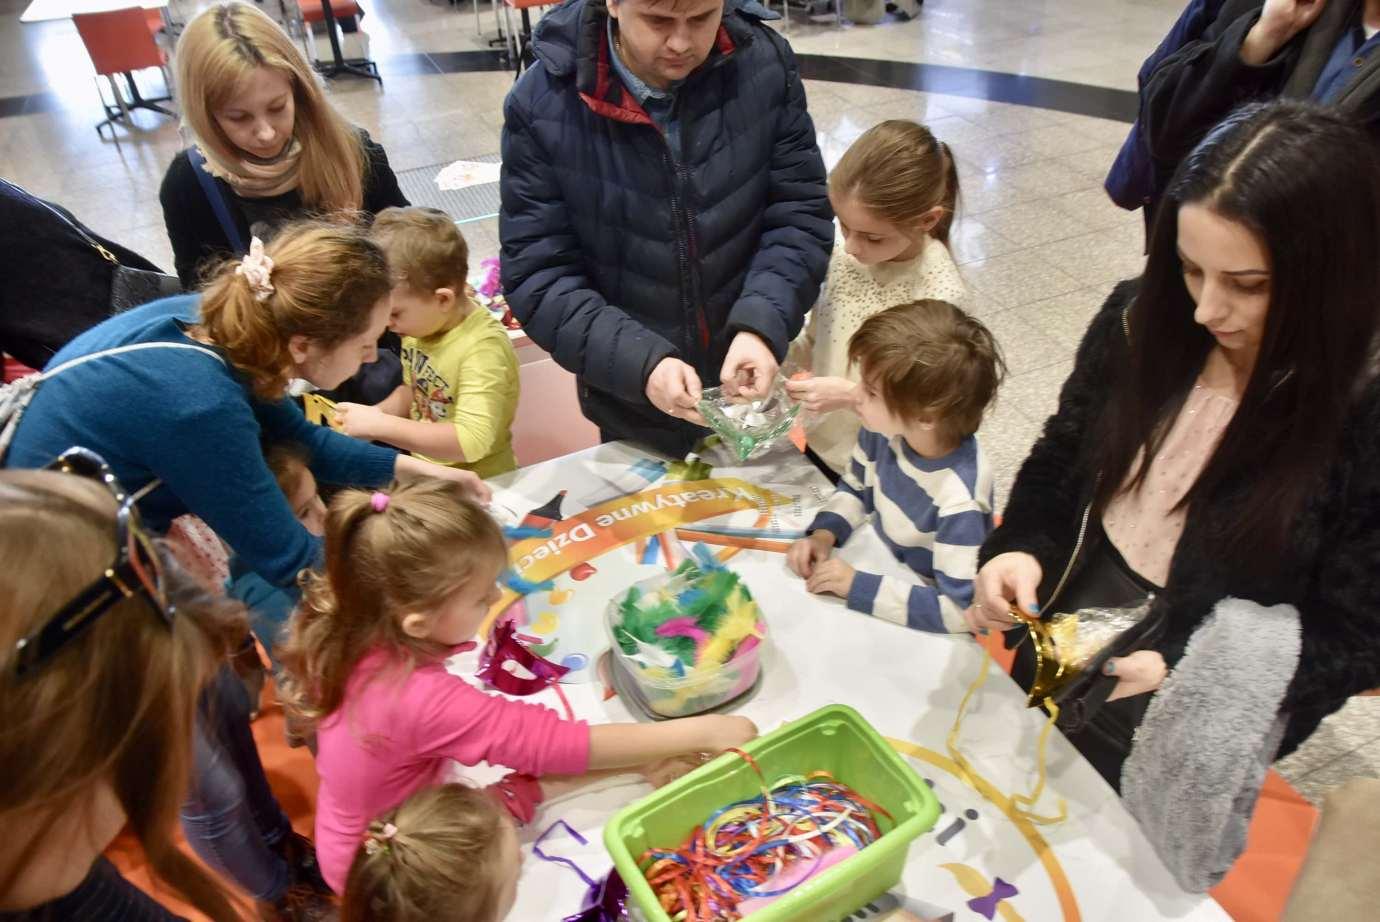 dsc 3909 Zabawa kreatywnych dzieciaków w Galerii Handlowej Twierdza (filmy i zdjęcia)